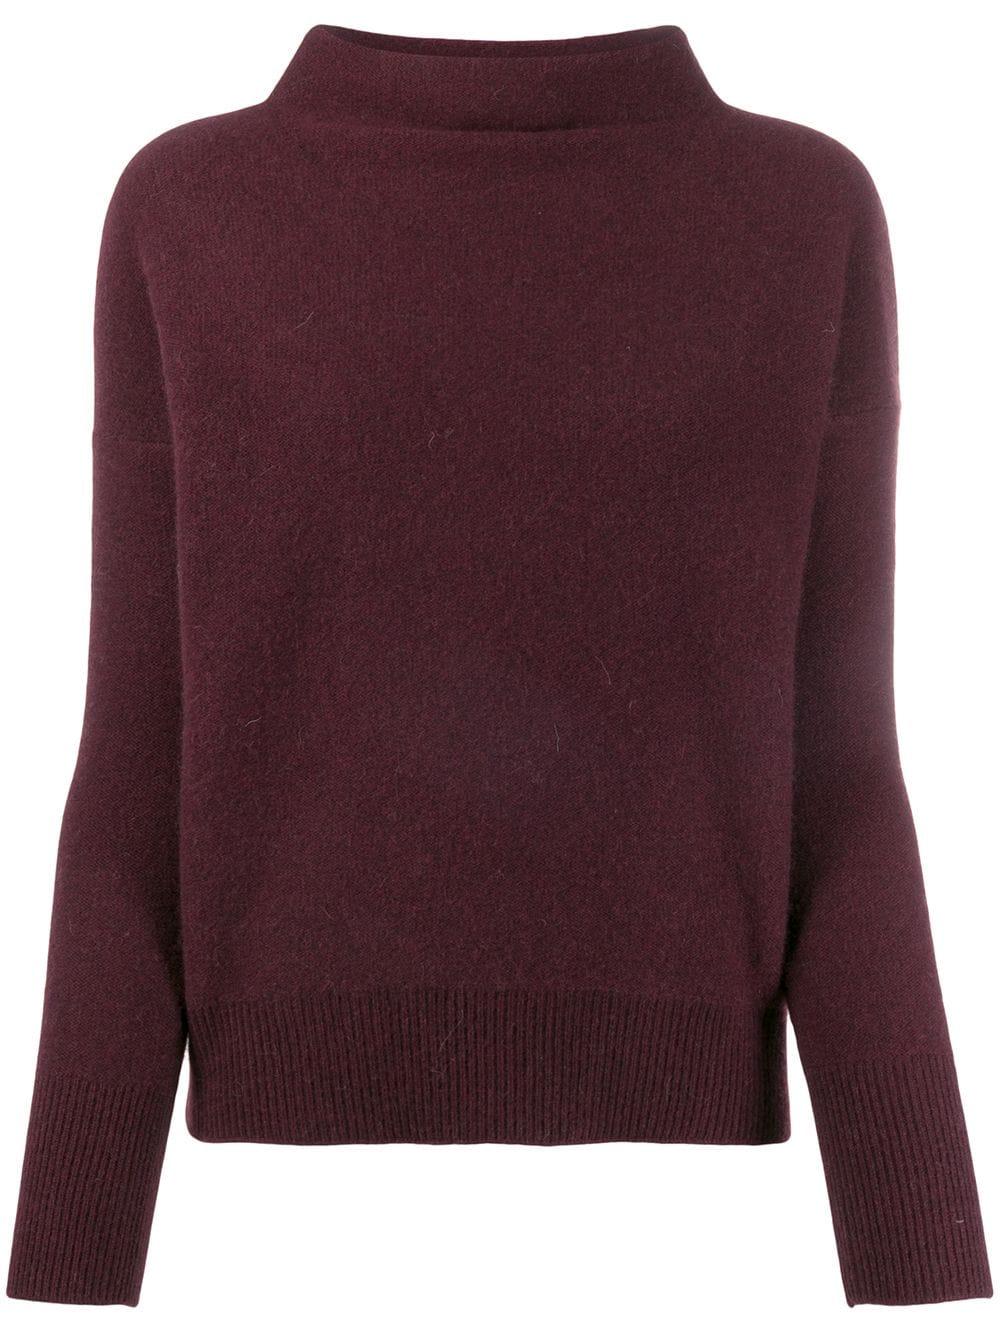 Vince | кашемировый свитер | Clouty